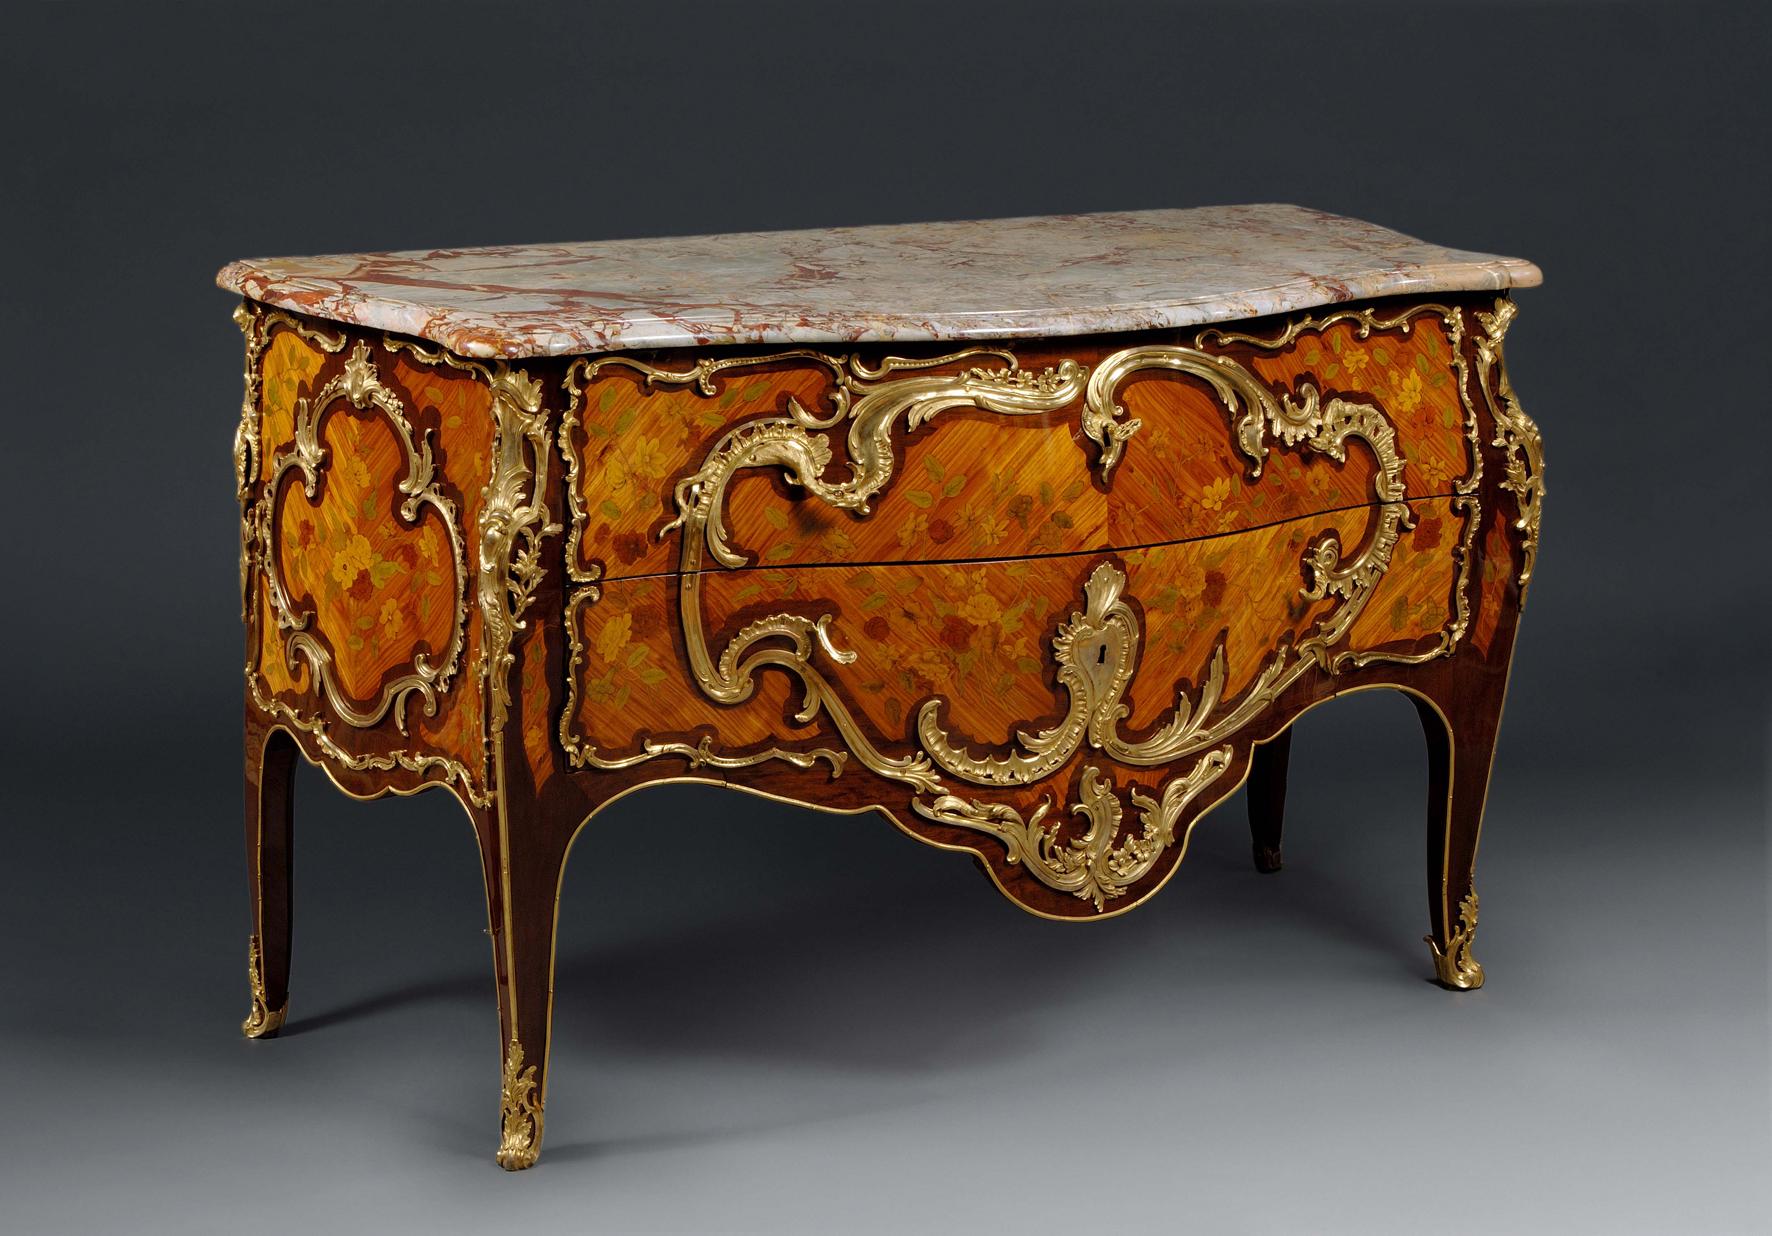 Louis XV commode, 1755–60, Adrien Delorme, Amarant, rozenhout en verguld brons, Galerie Aveline